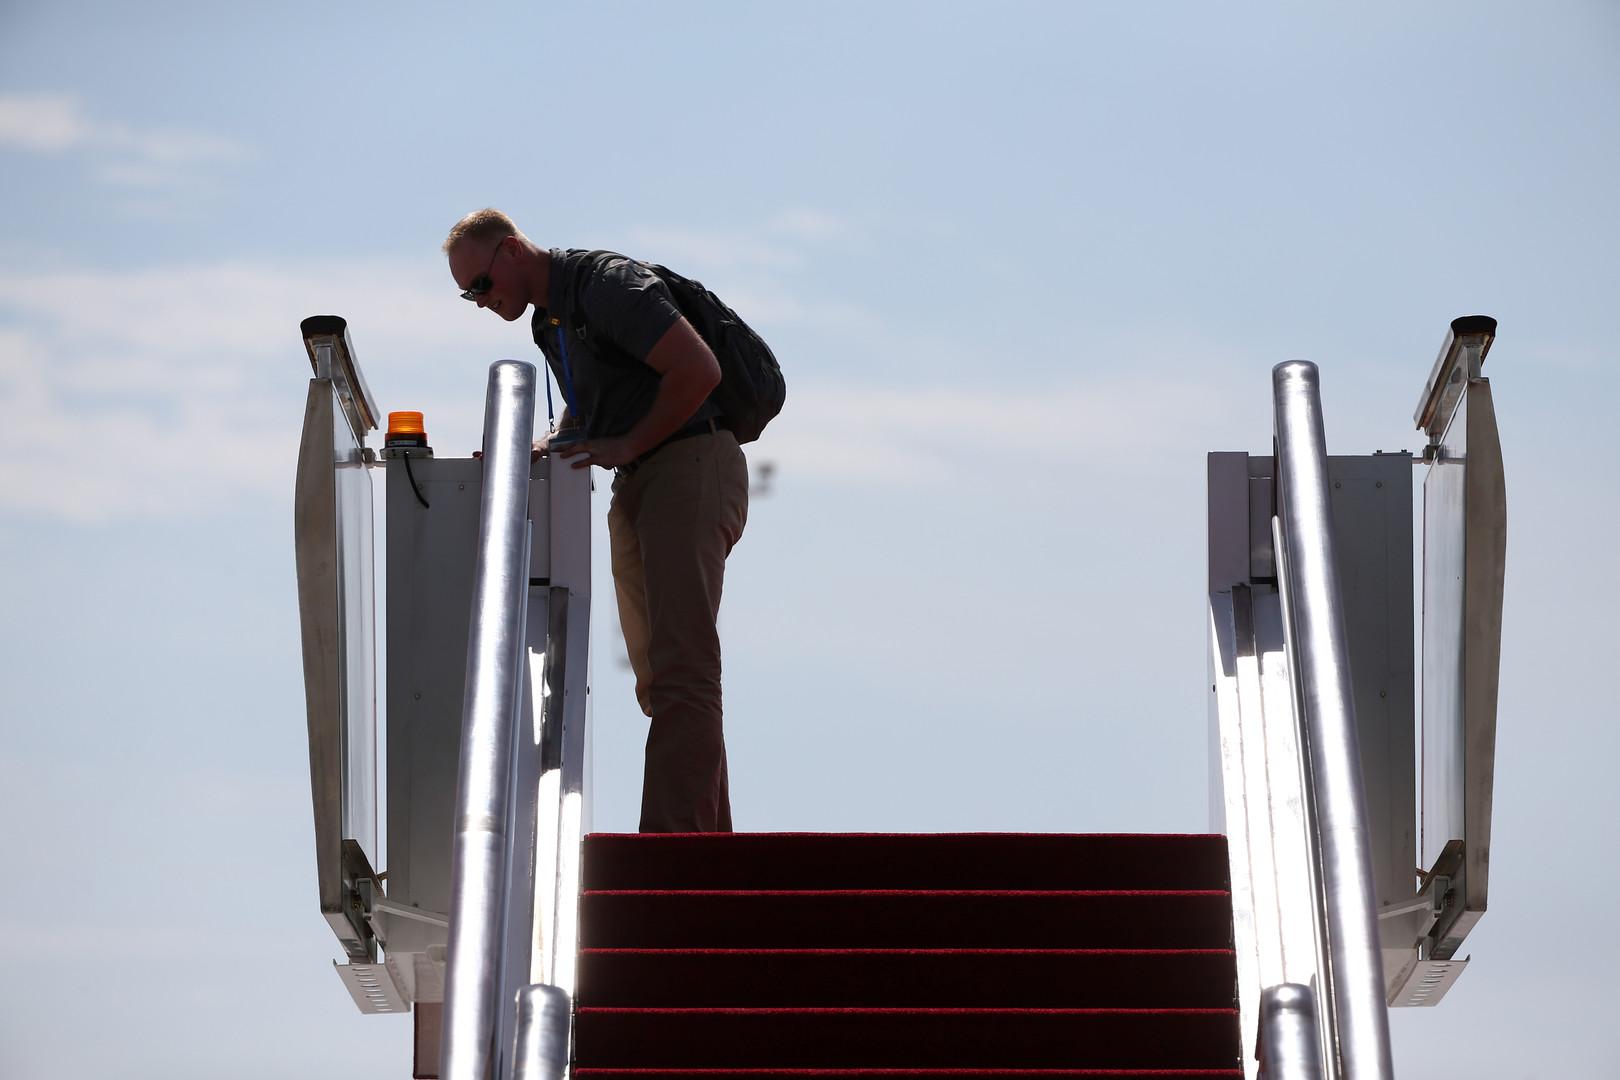 Untersuchung der Flugzeugtreppe vor der Ankunft des US-Präsidenten, Barack Obama